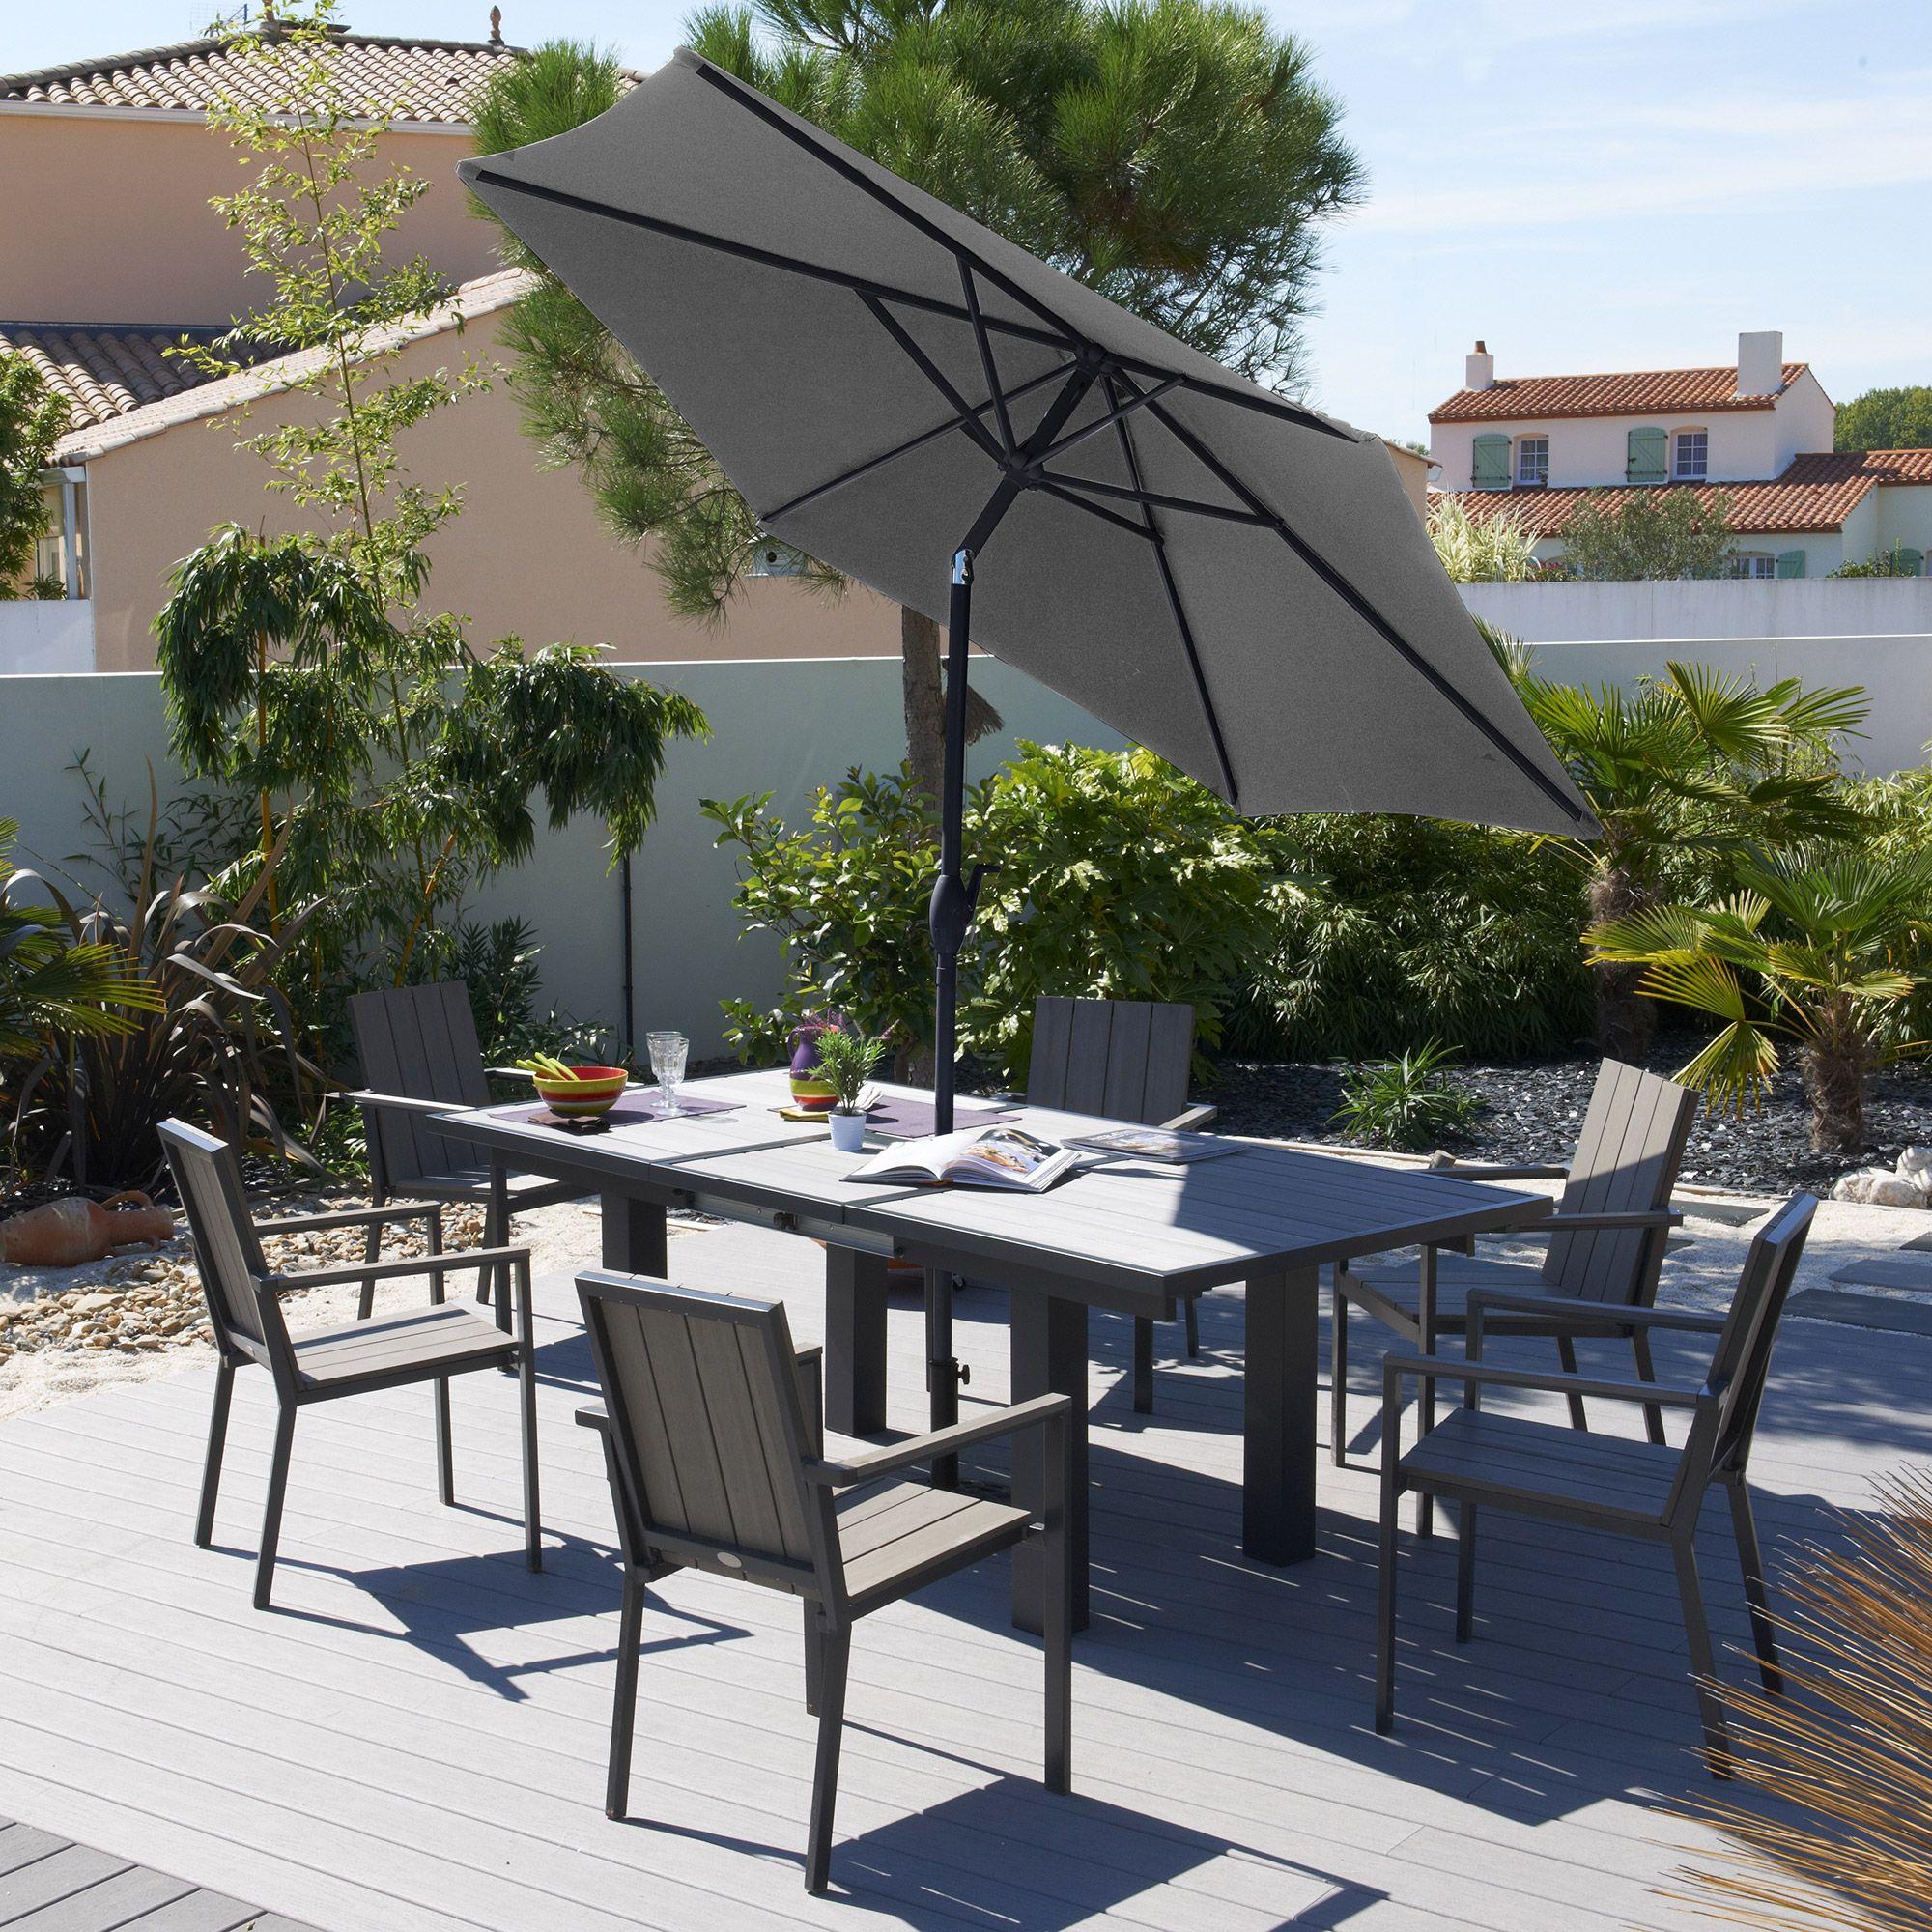 Parfait Pour Cet Été ! Salon Jardin 6 Places Aluminium ... encequiconcerne Salon De Jardin Marque Jardin